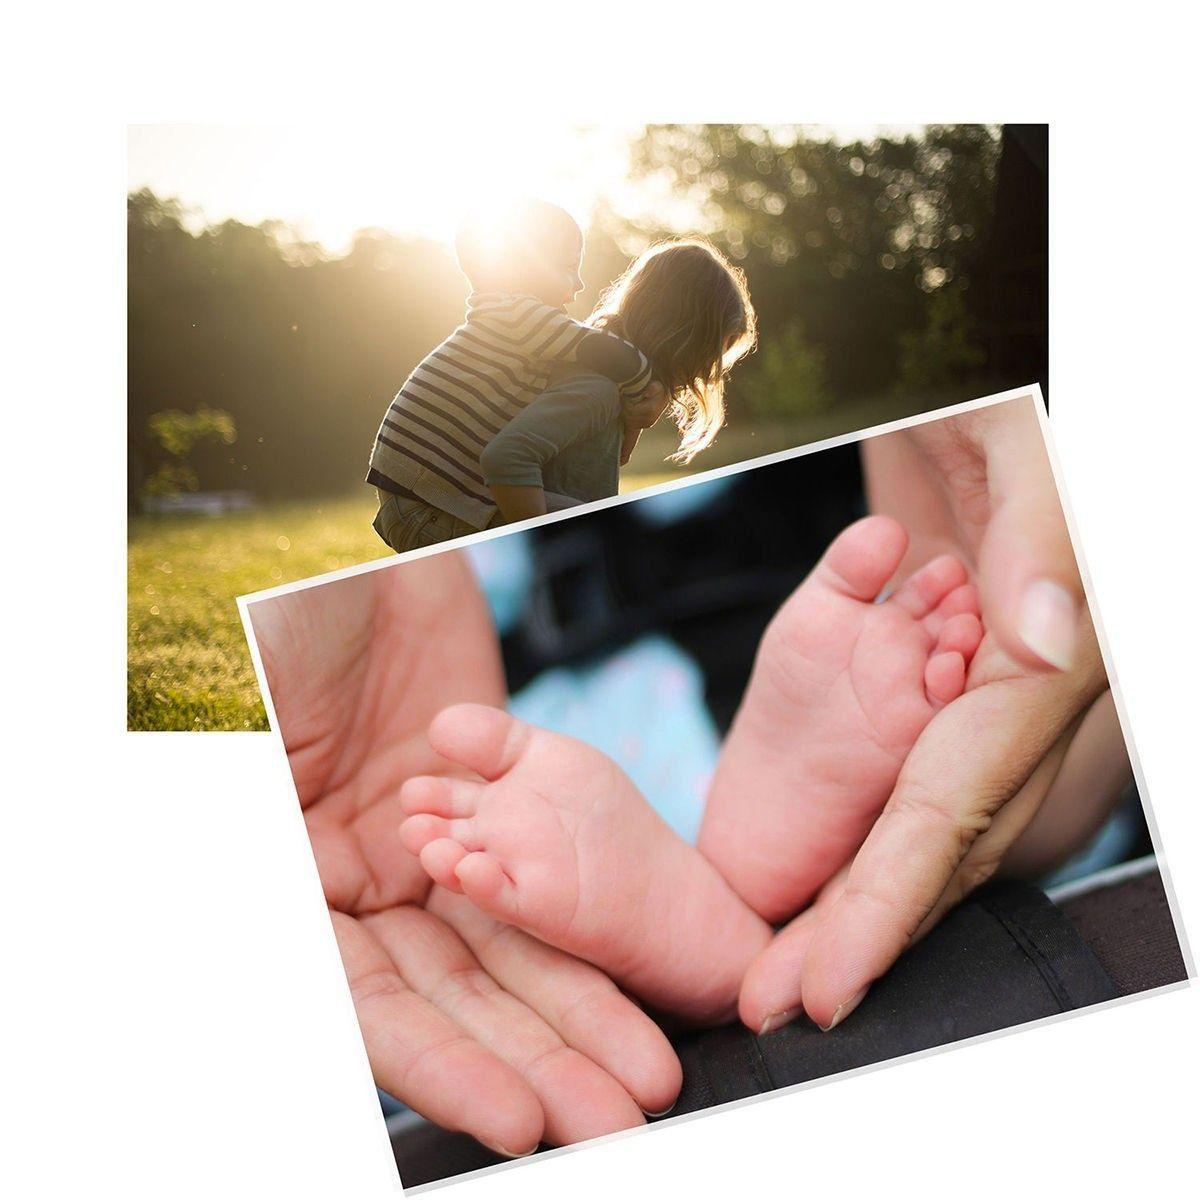 Papel Fotográfico A4 150g Glossy Branco Brilhante Resistente à Água / 1000 folhas